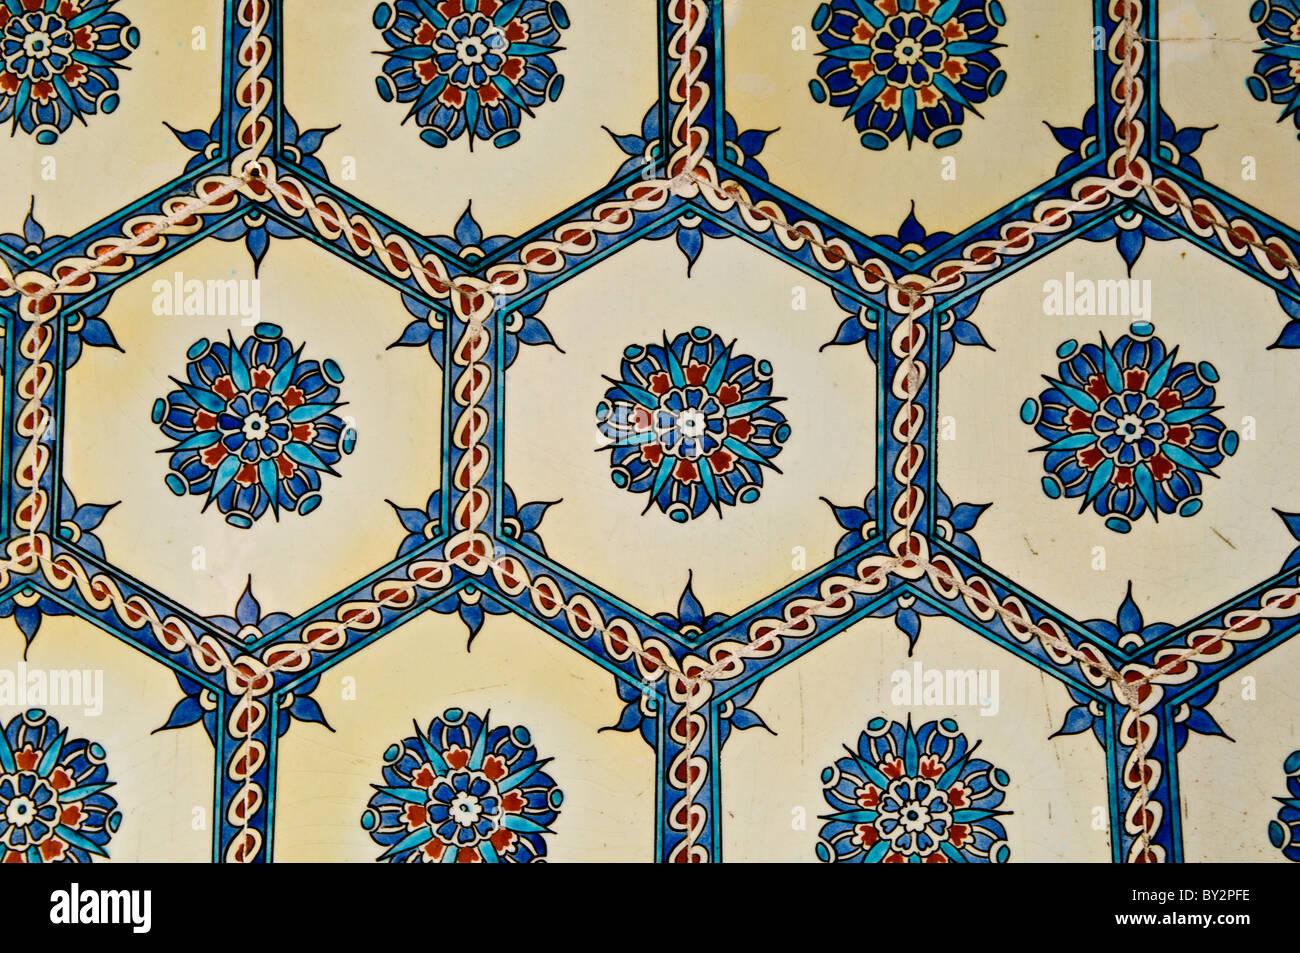 Piastrelle Di Ceramica Decorate.Le Spalliere Di Piastrelle Ceramiche Decorate All Harem Del